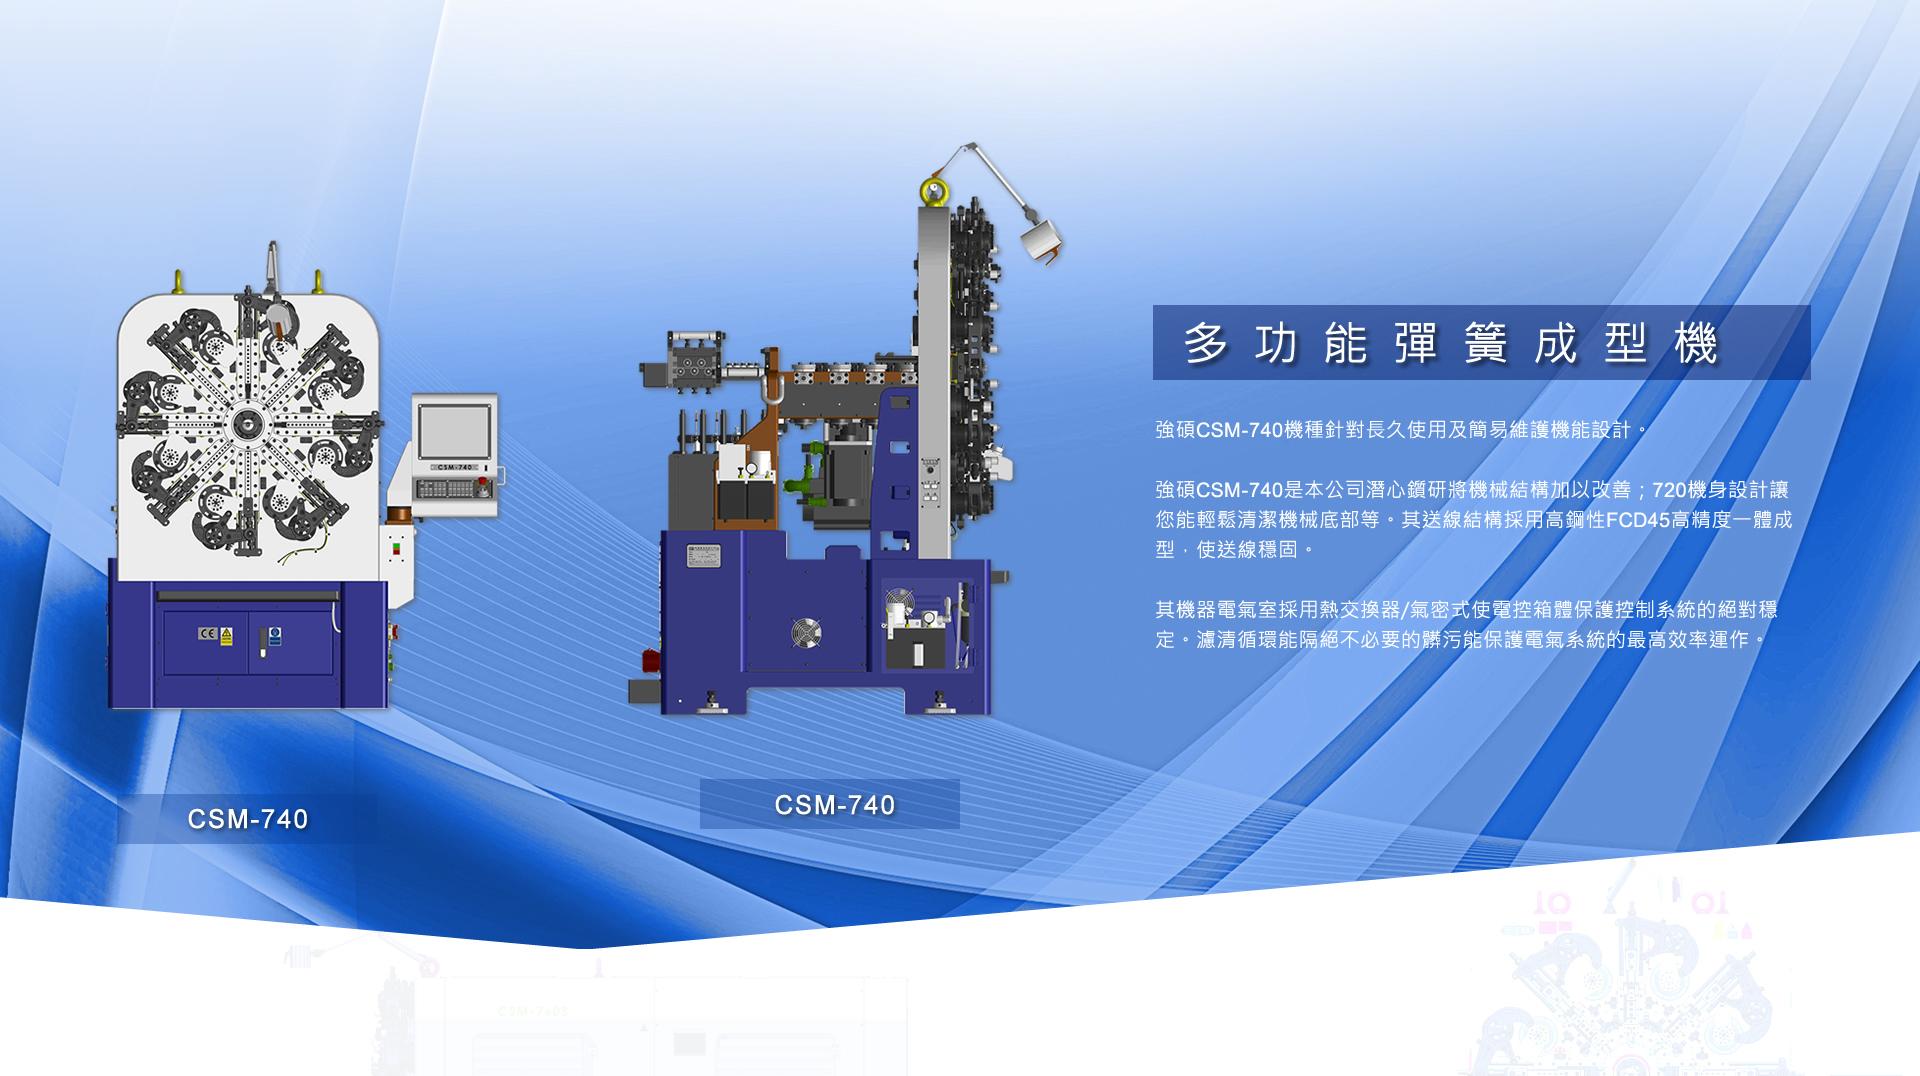 CSM-740